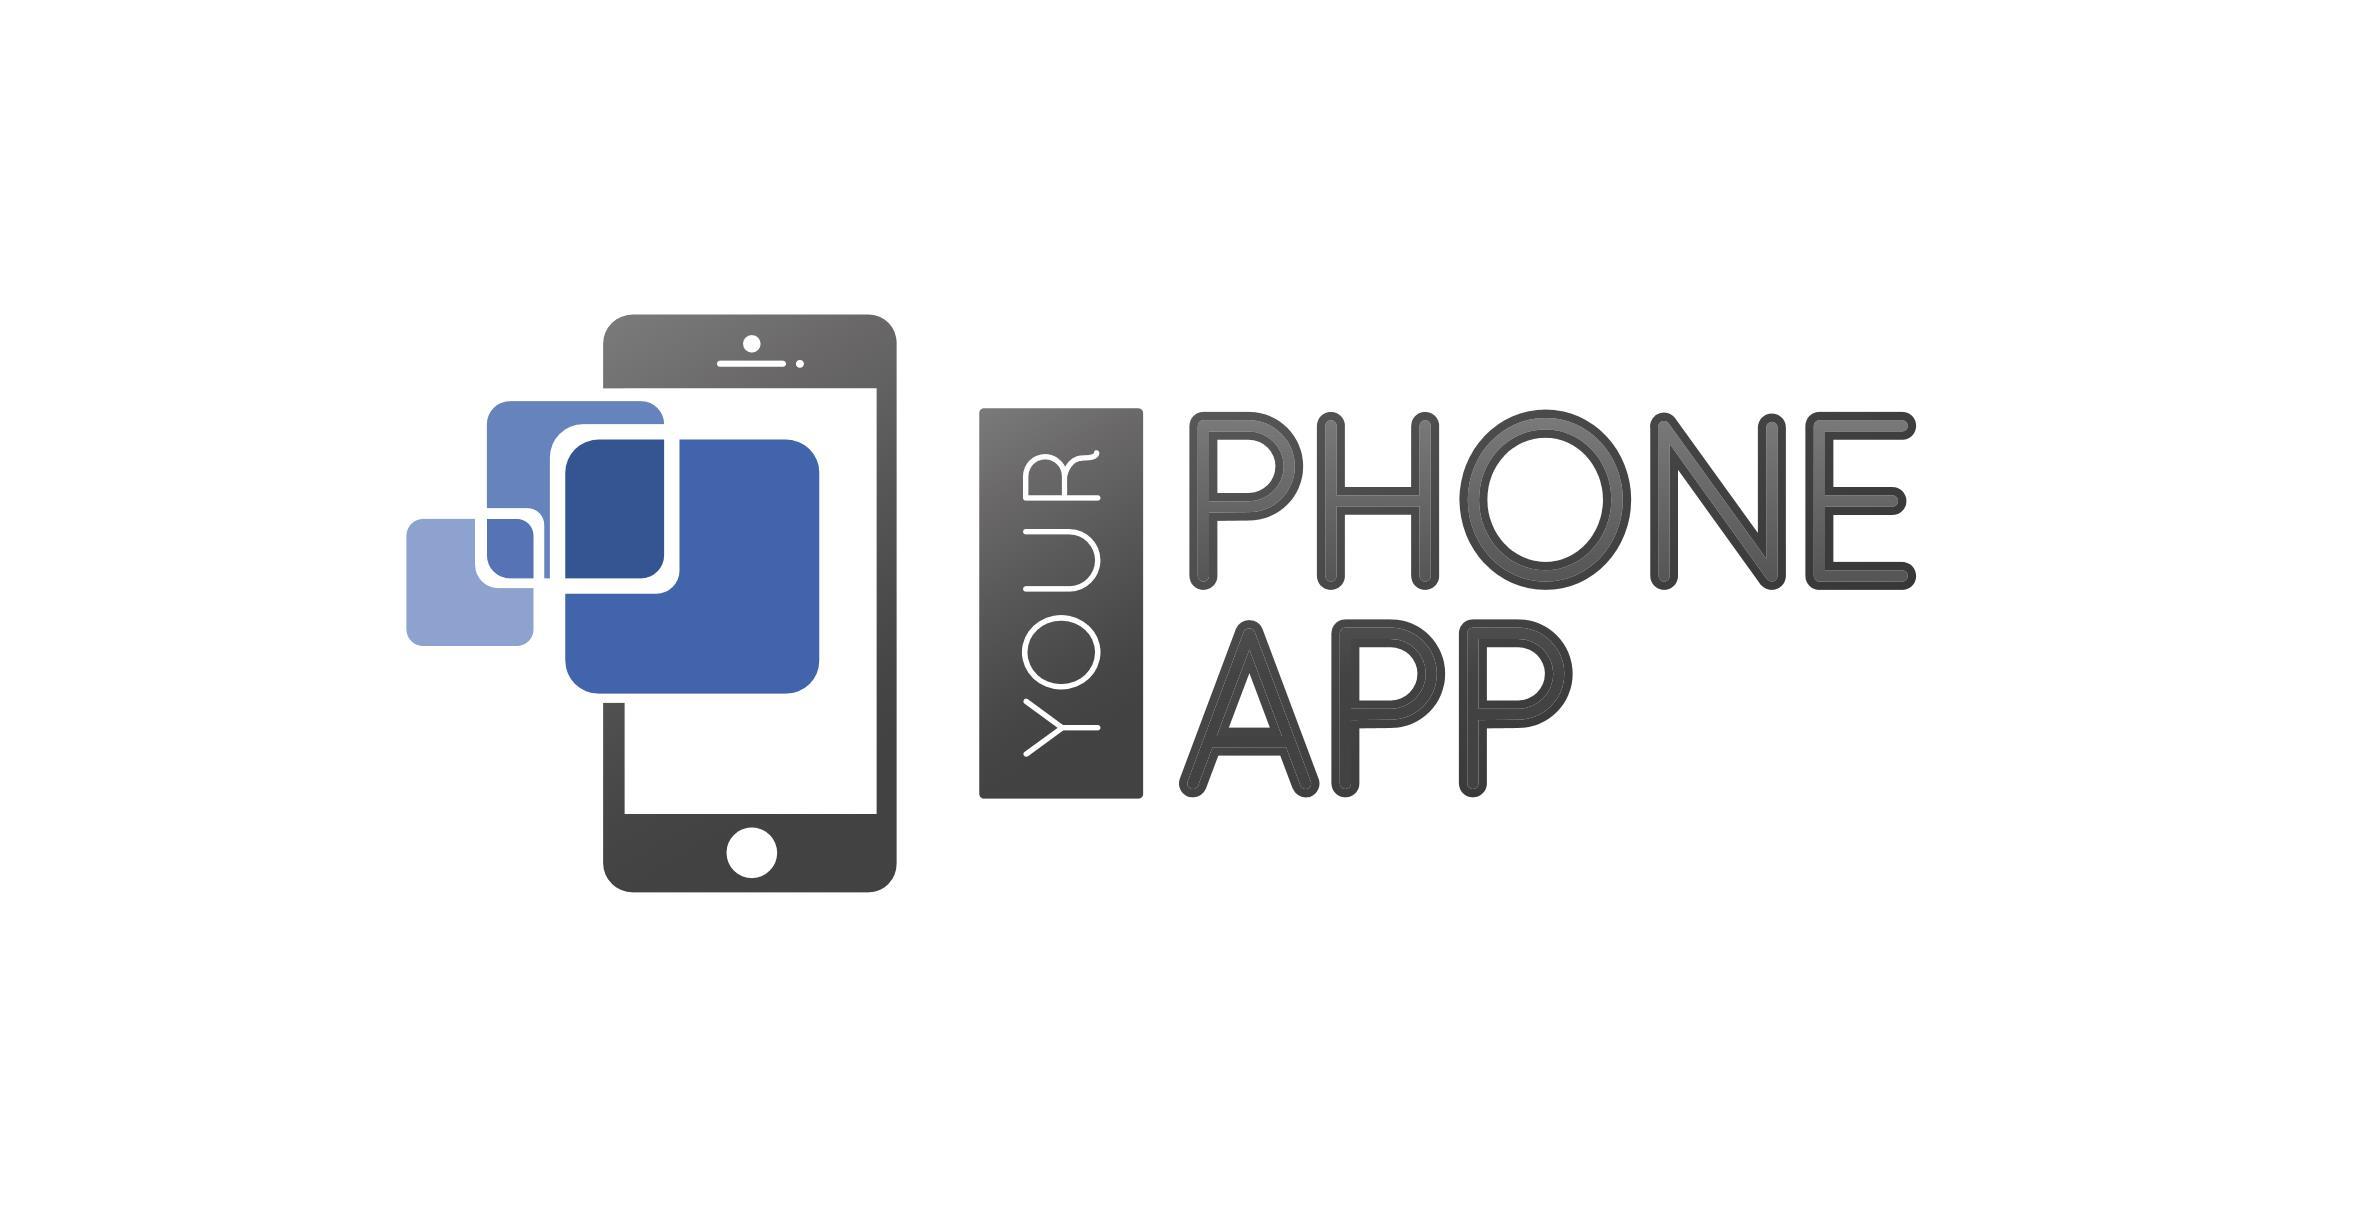 Your Phone, la nueva herramienta para vincular el celular con la PC